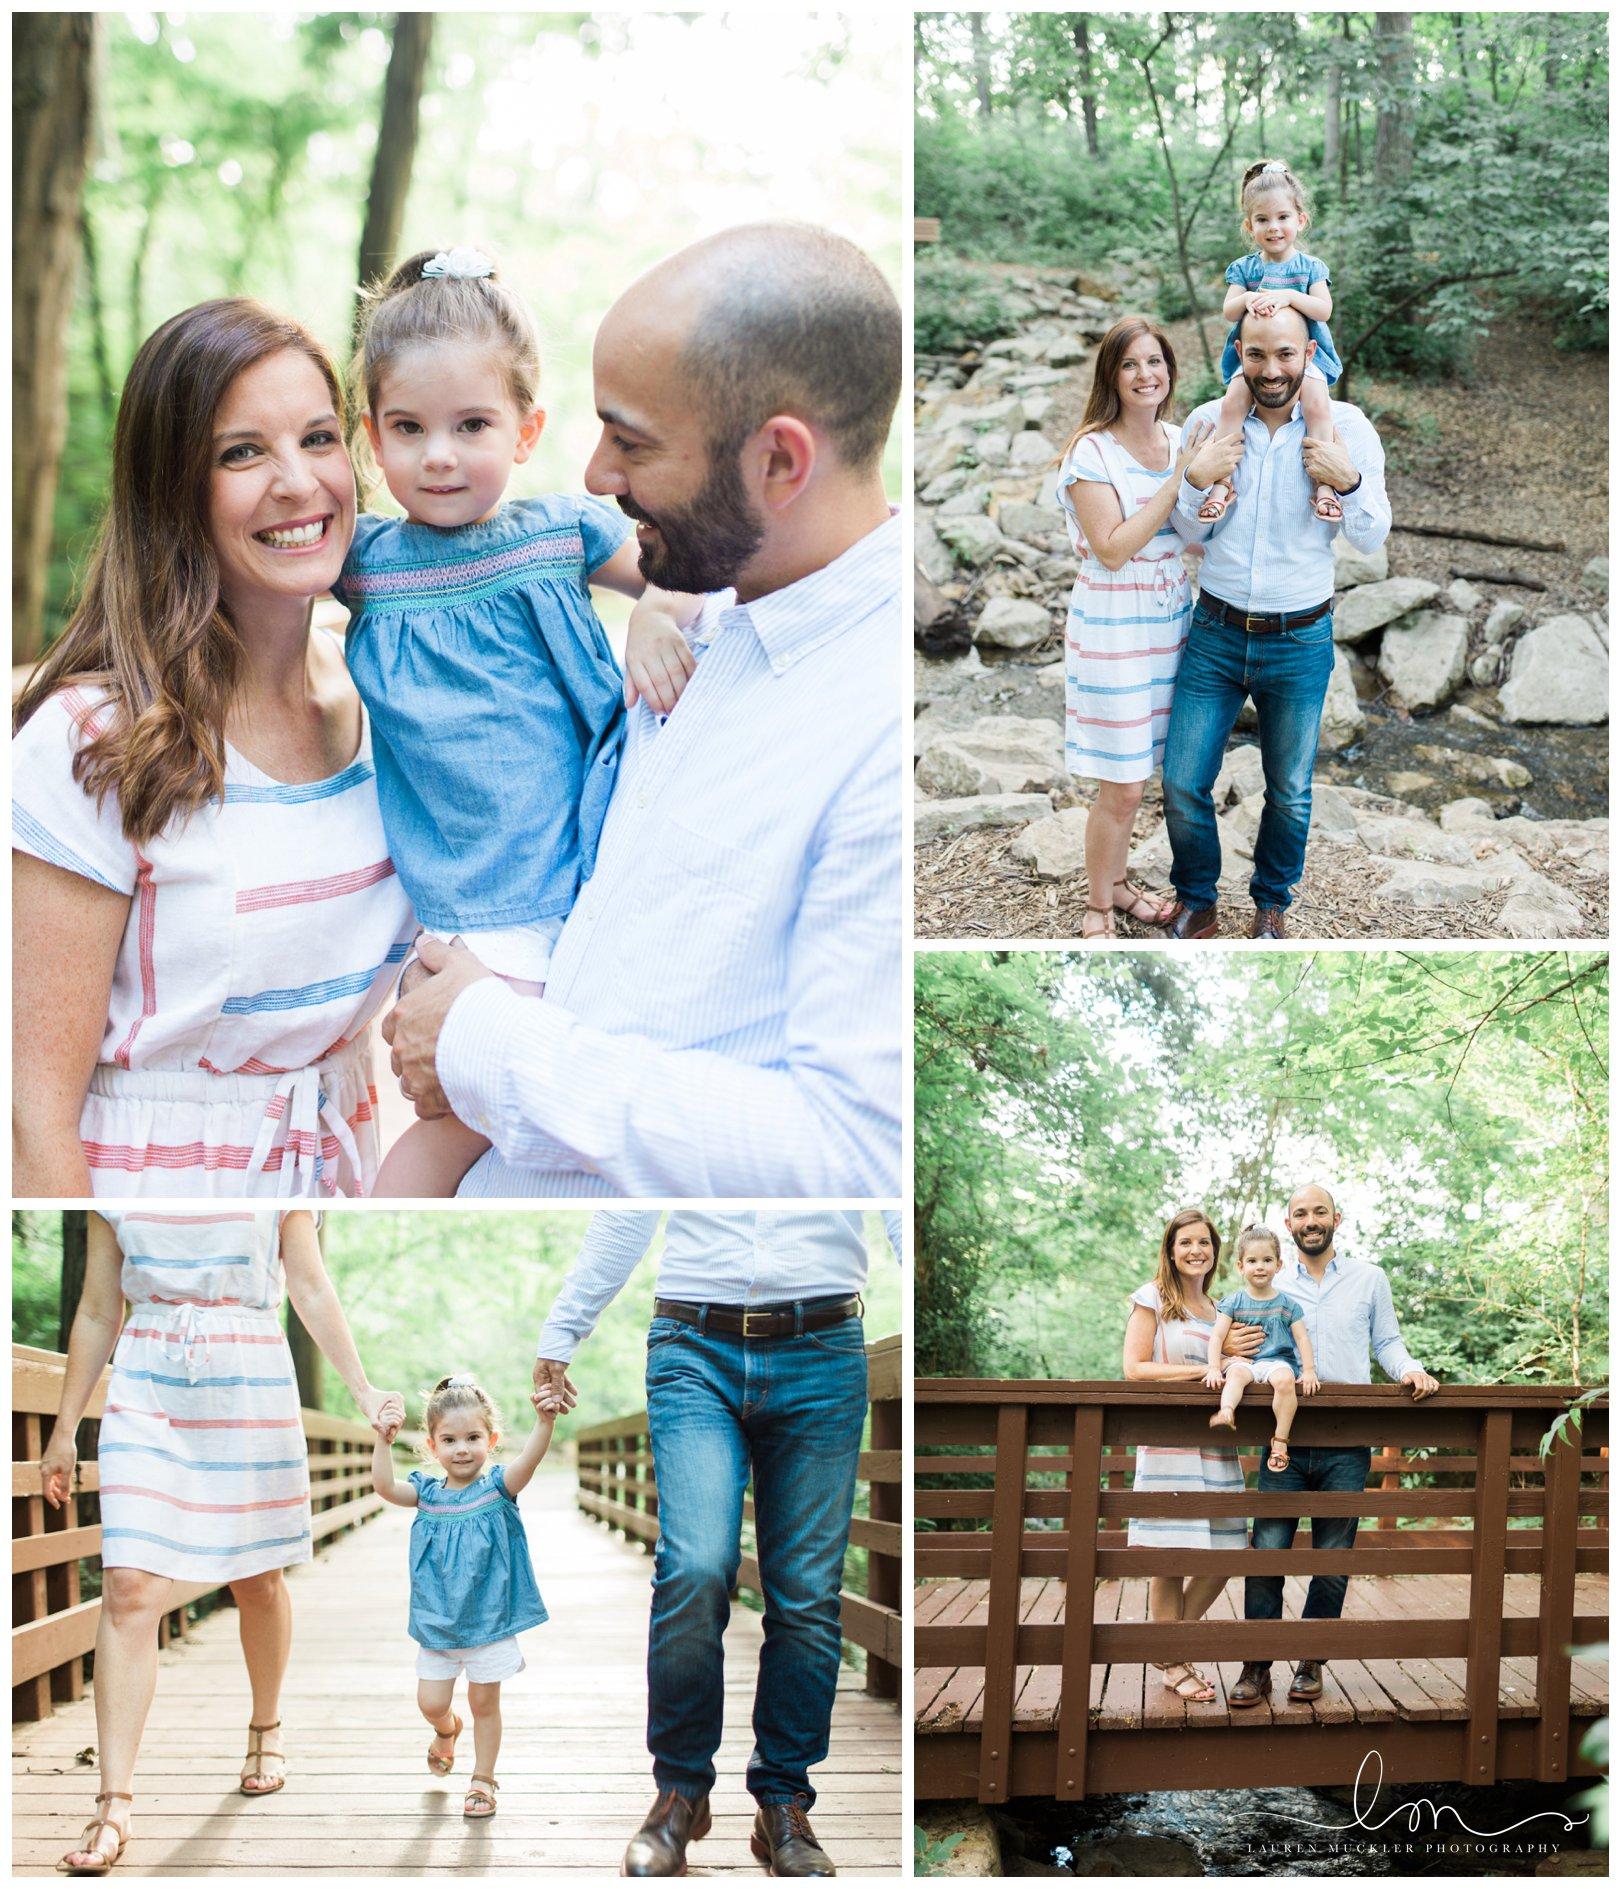 lauren muckler photography_fine art film wedding photography_st louis_photography_0354.jpg